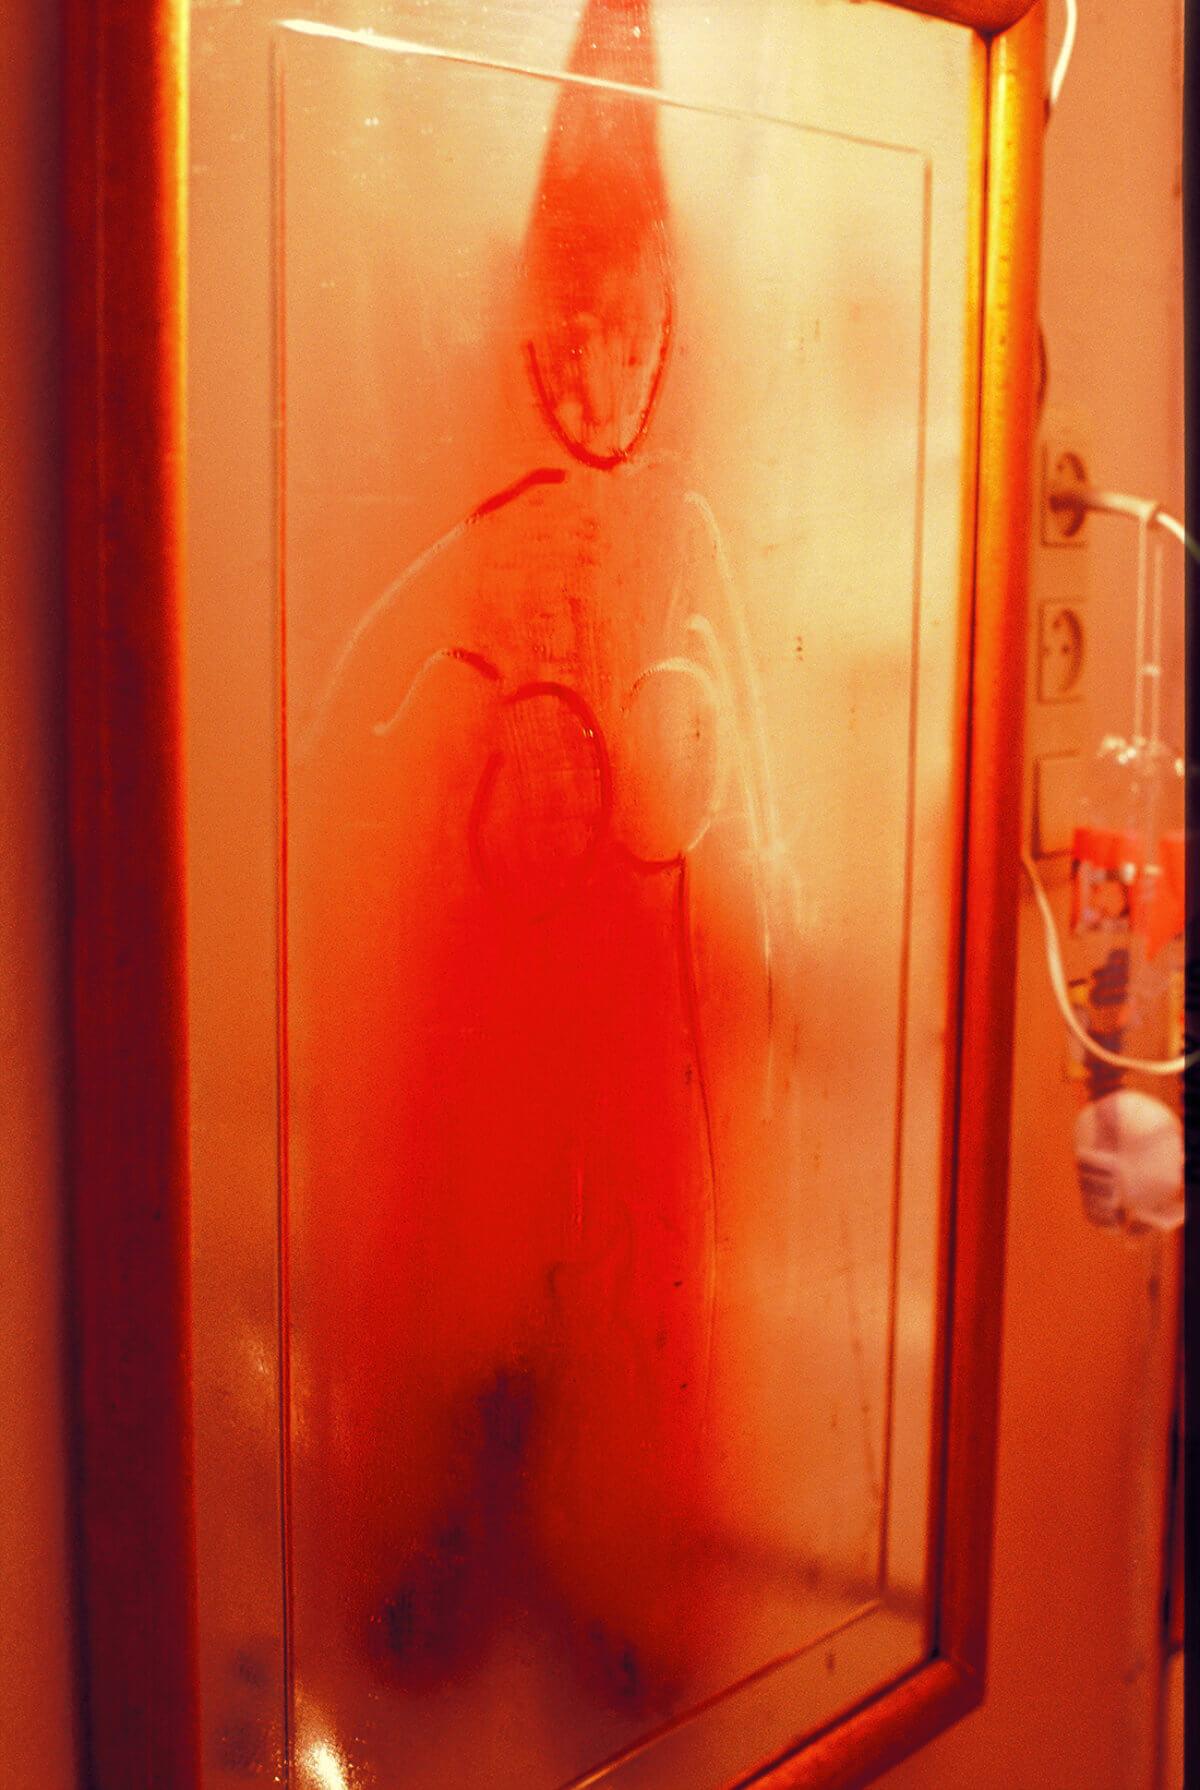 Vaho 14, photography, 2000